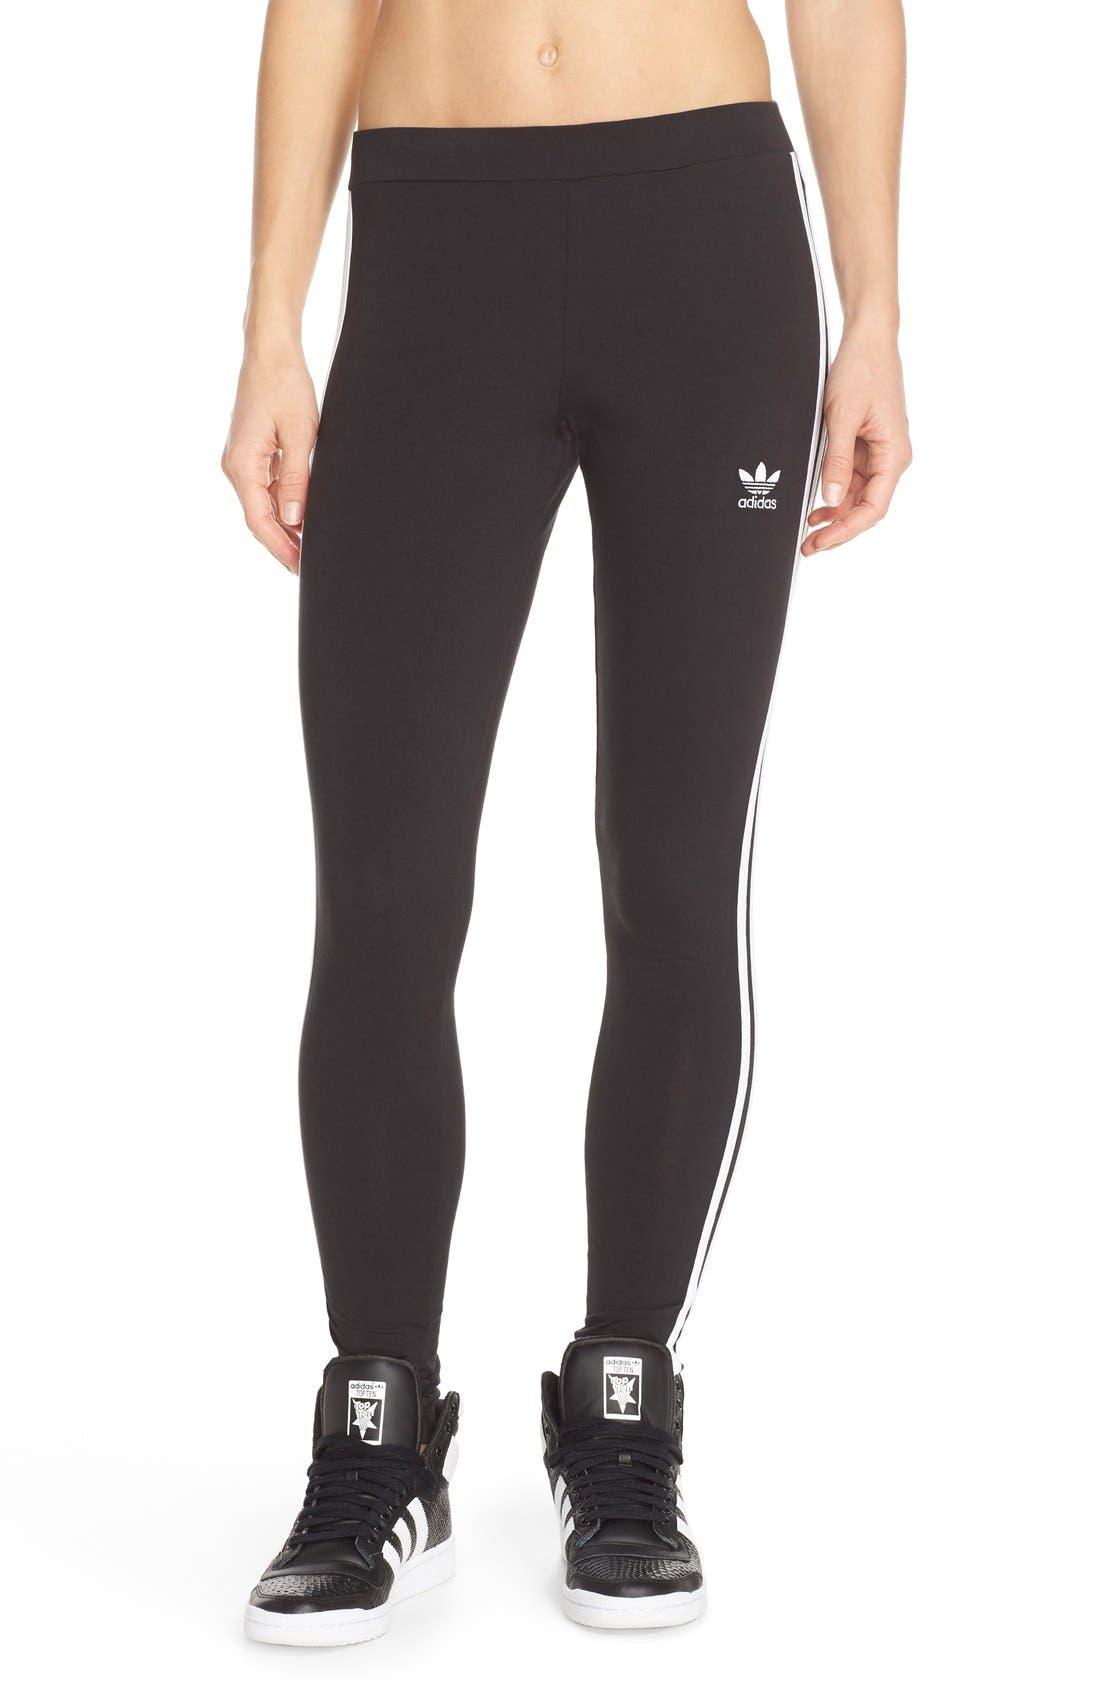 Originals Logo Leggings,                         Main,                         color, Black/ White